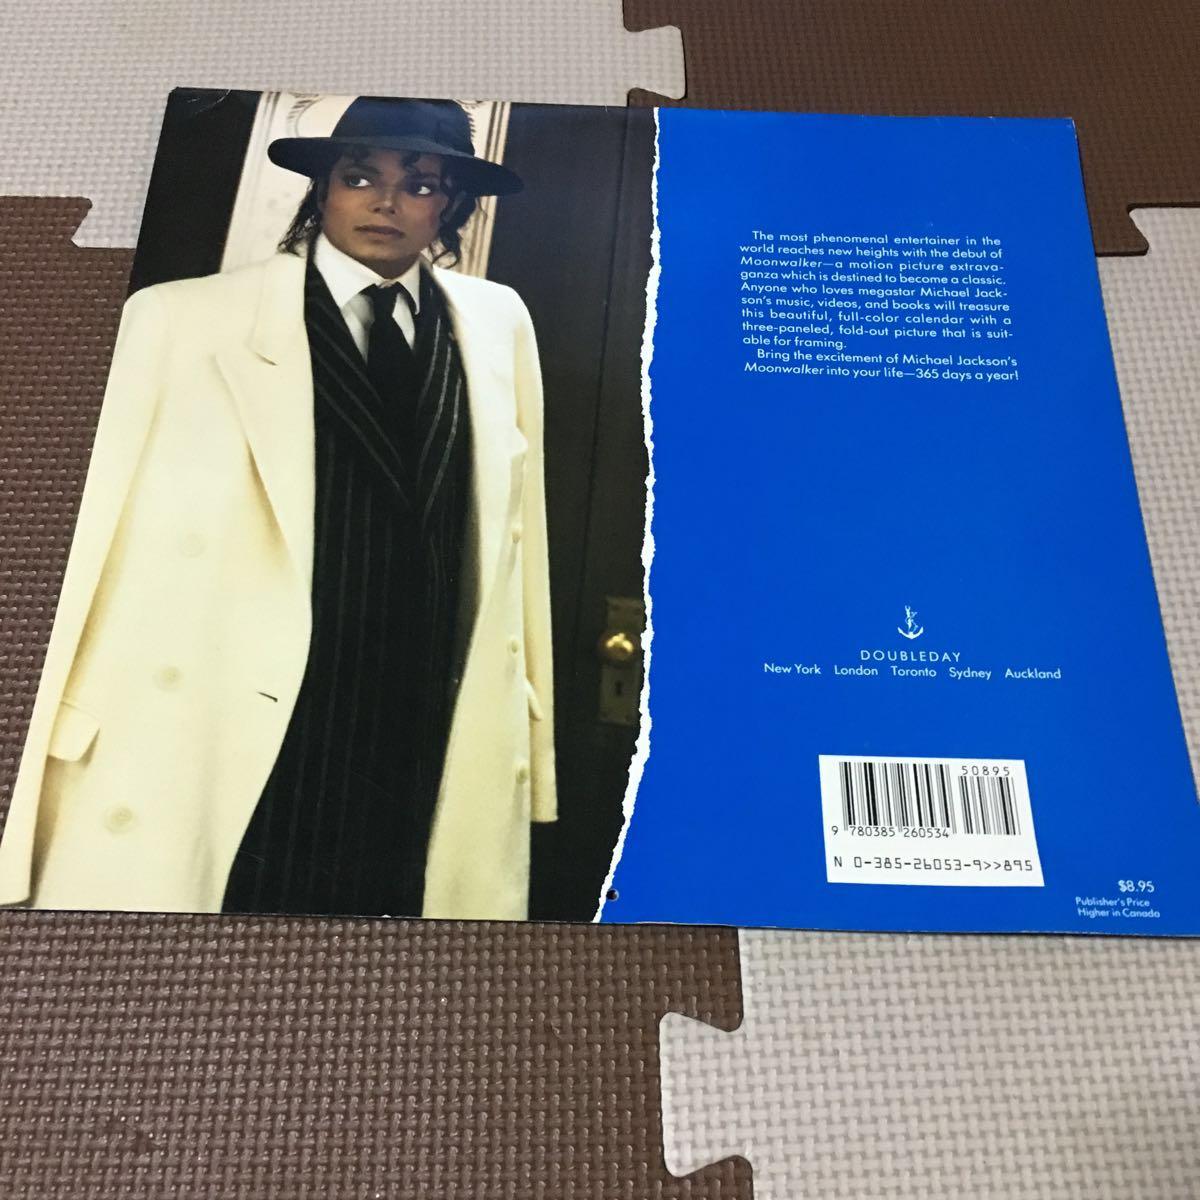 マイケルジャクソン カレンダー ムーンウォーカー 1989年(輸入版)_画像9